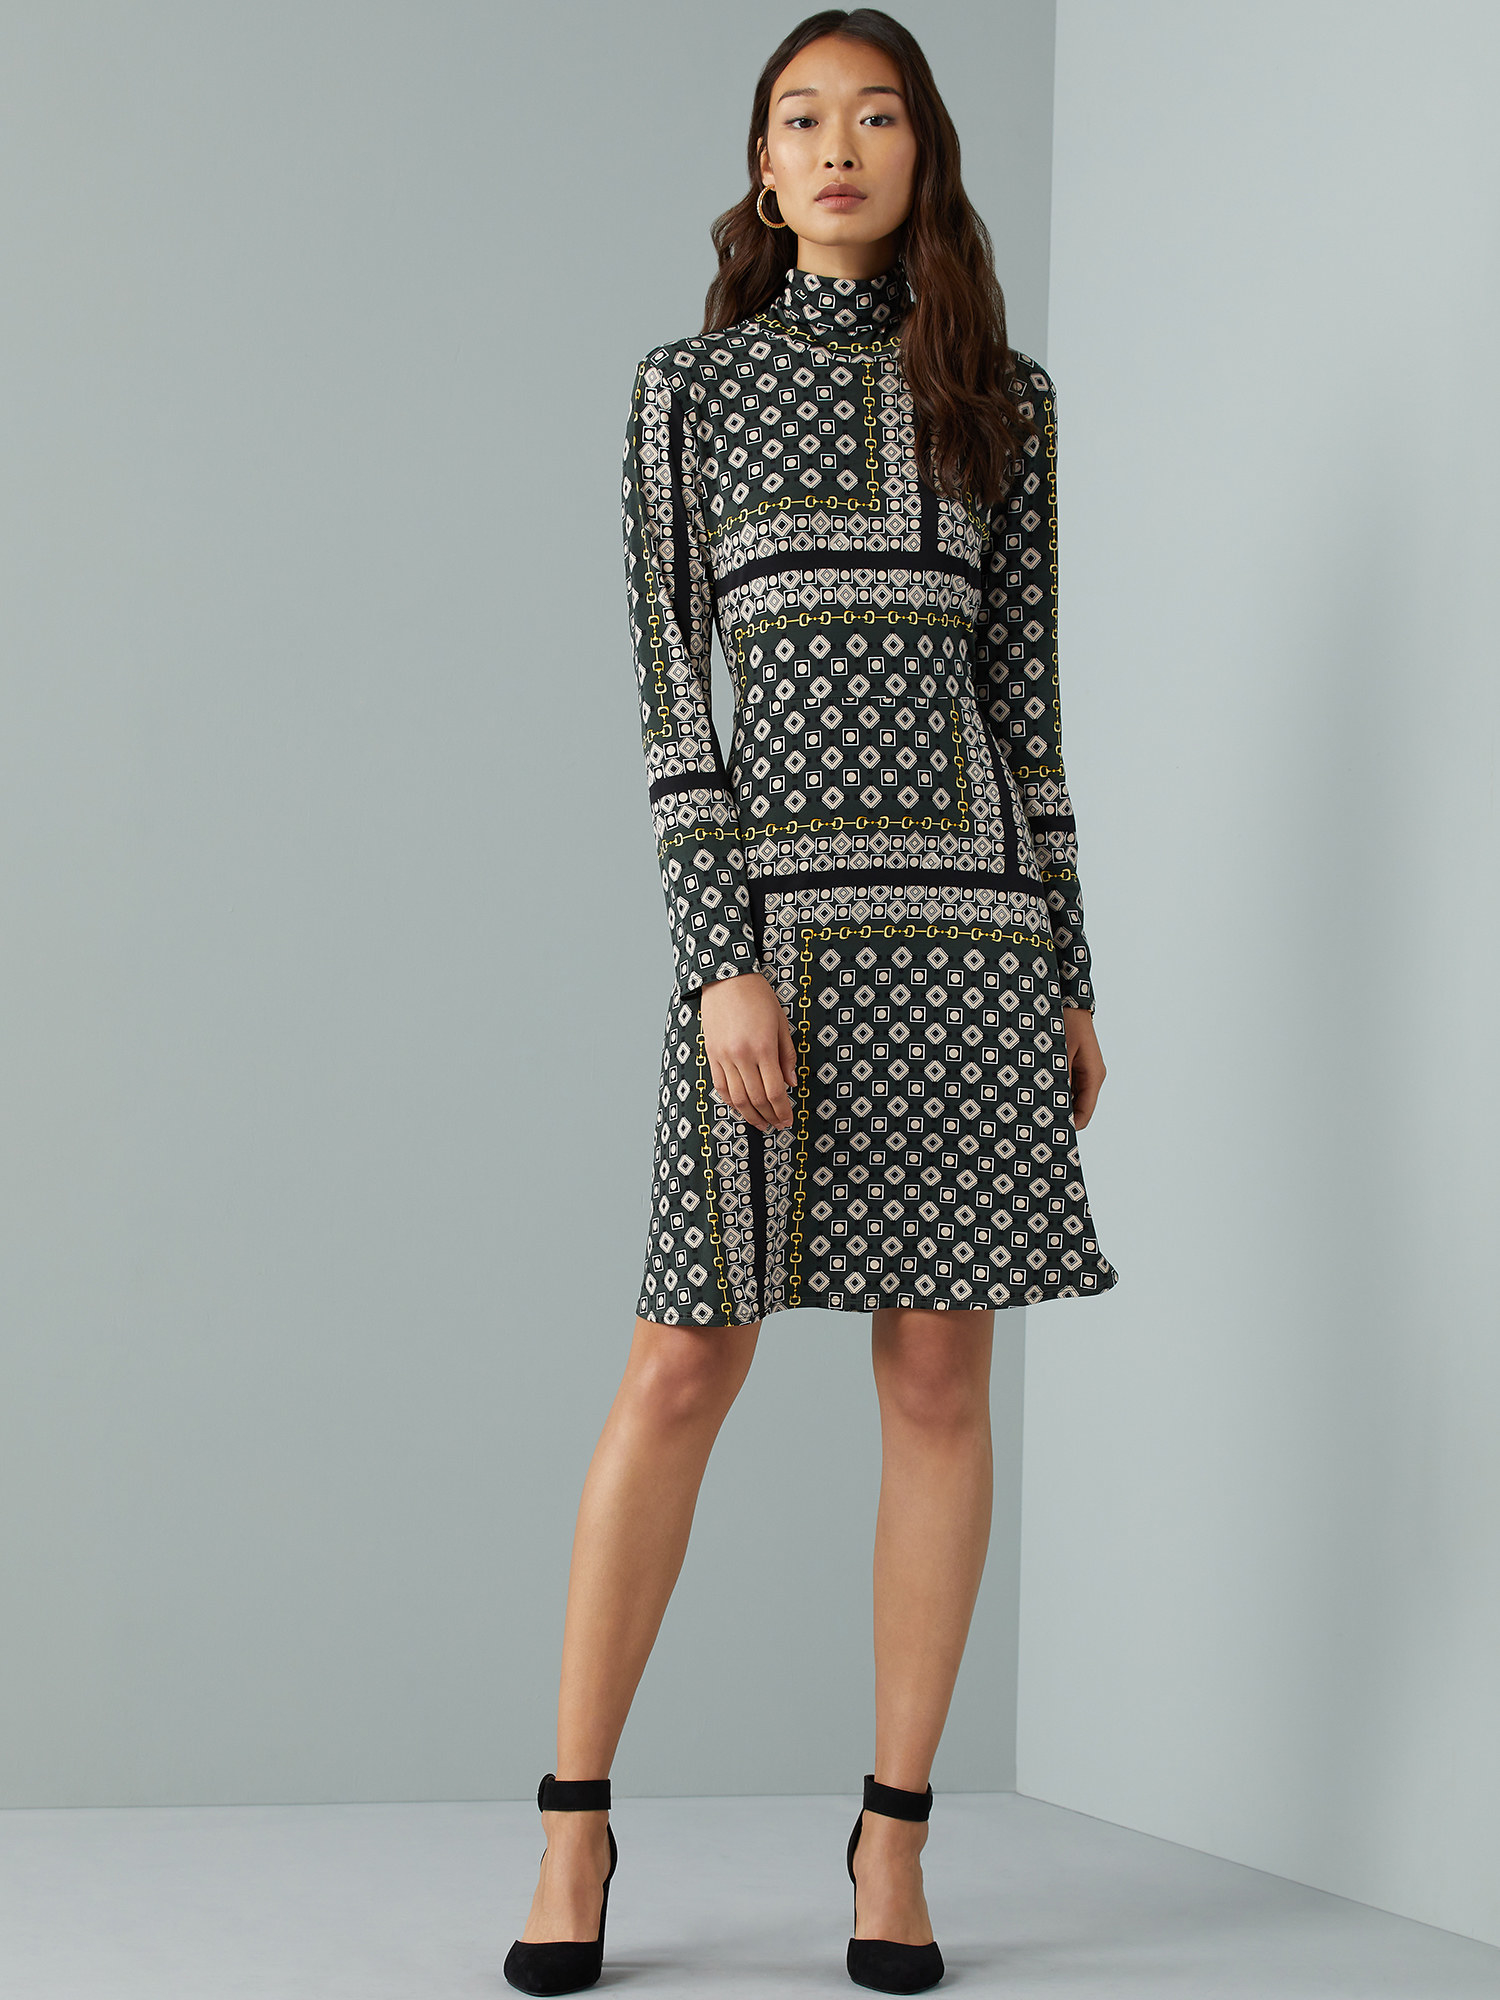 Model wears turtleneck long sleeve dress